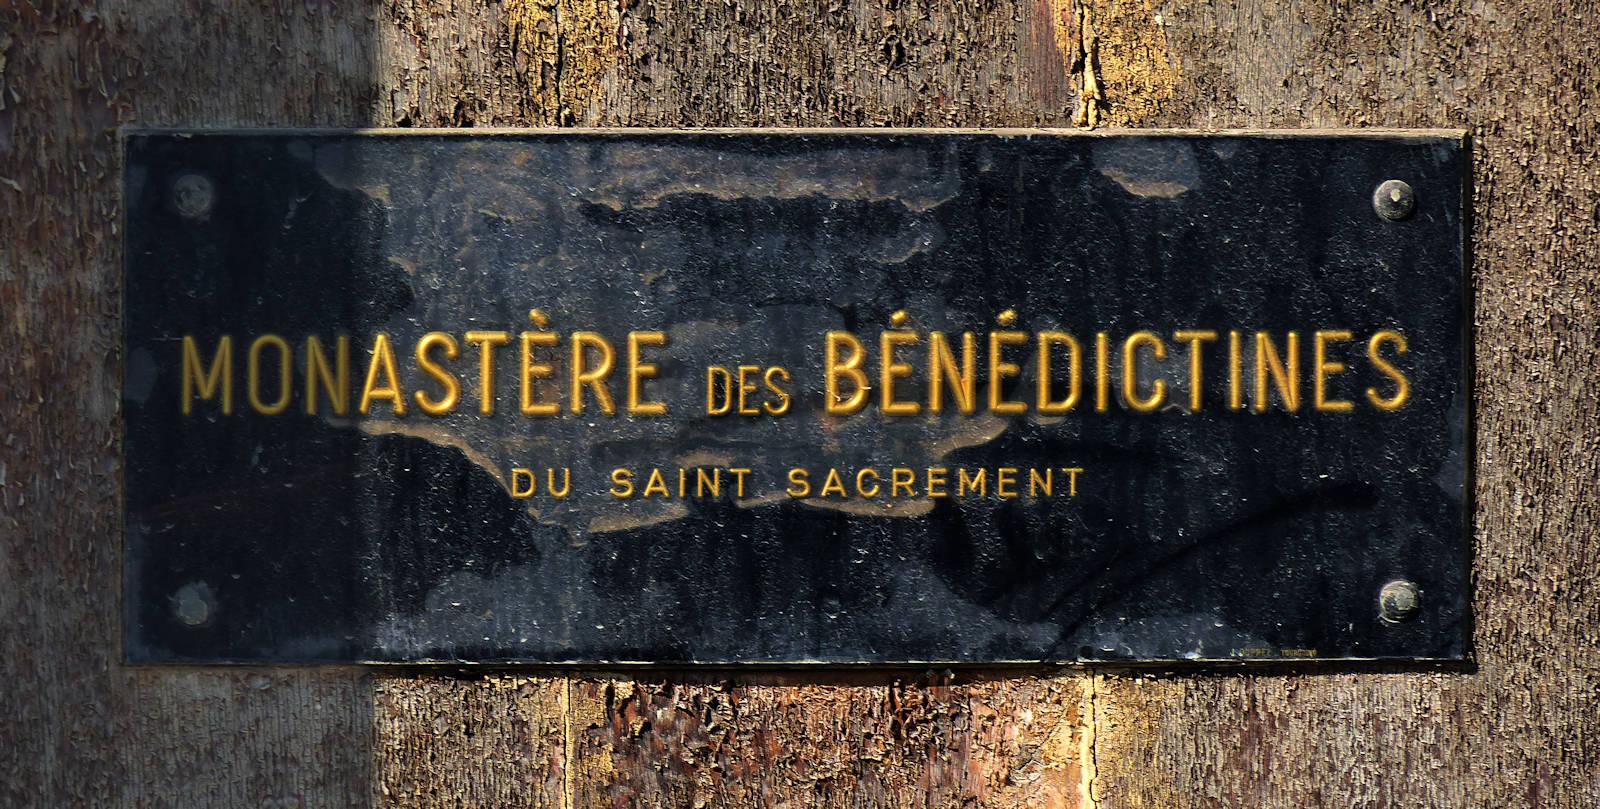 Monastère des Bénédictines - Plaque.